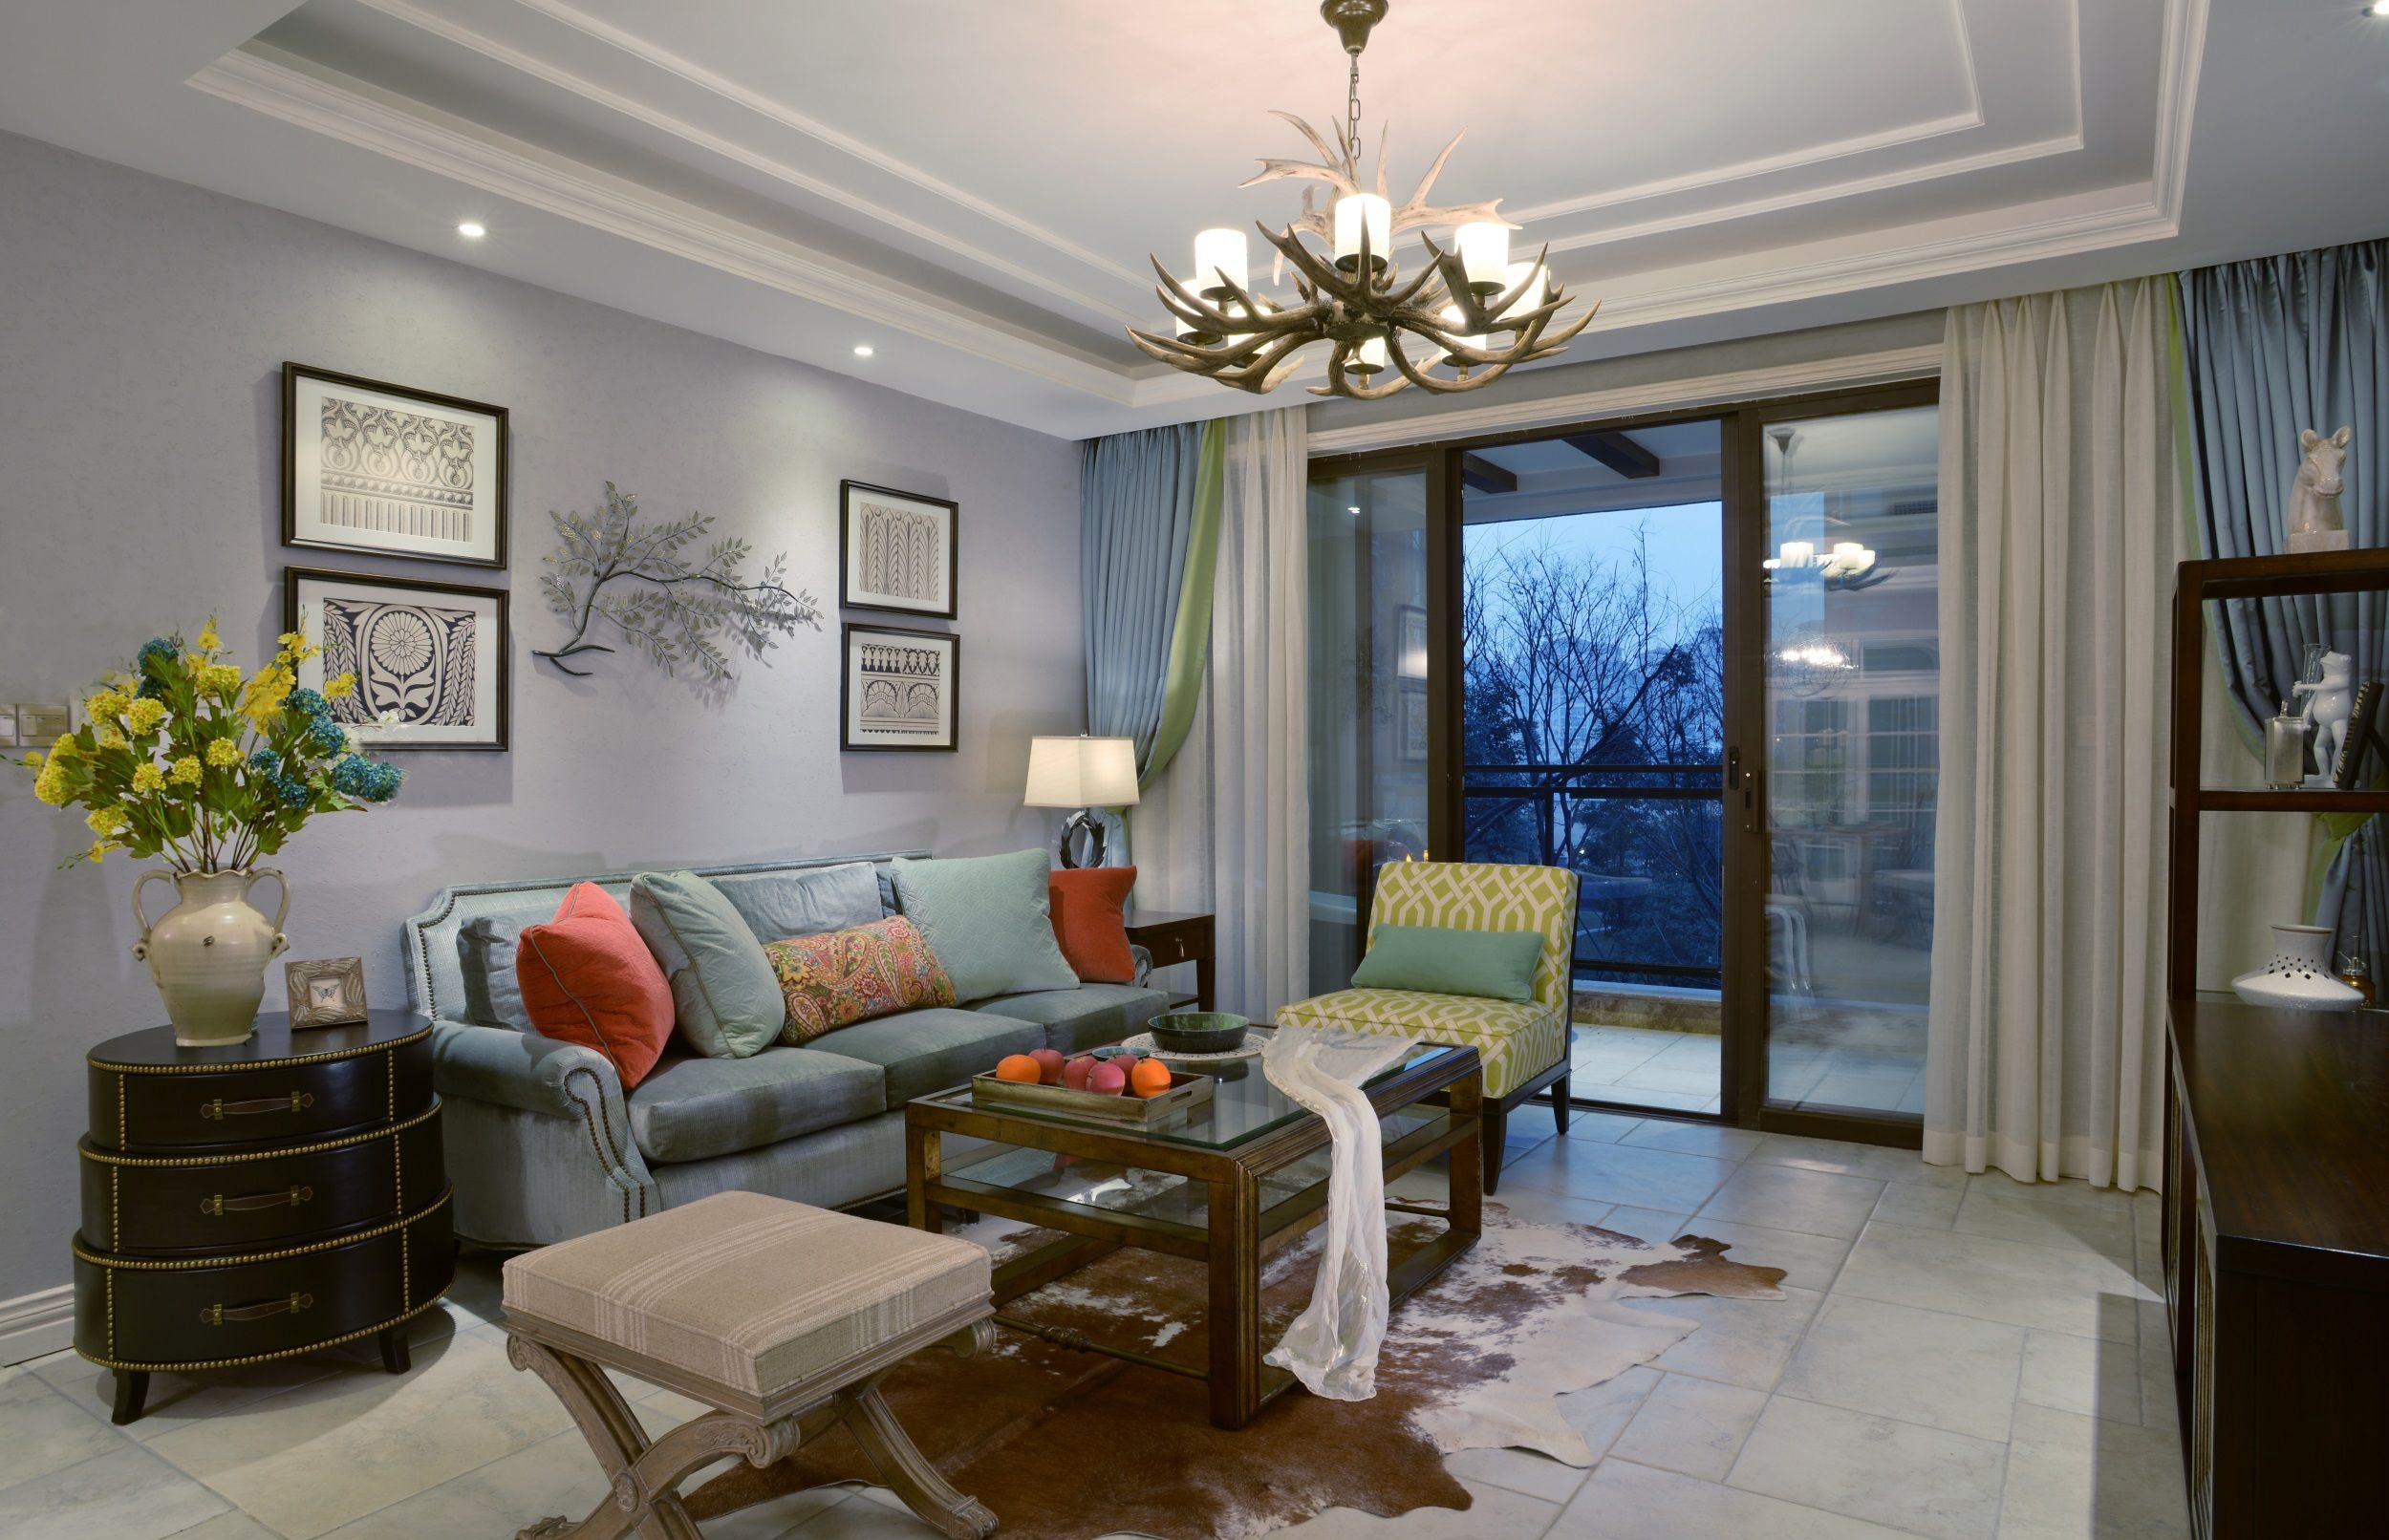 各种花型图案的布艺和挂饰,壁纸和窗帘都为它增色不少。鲜花和绿植更是极好的点缀,让人舒缓身心,减轻压力